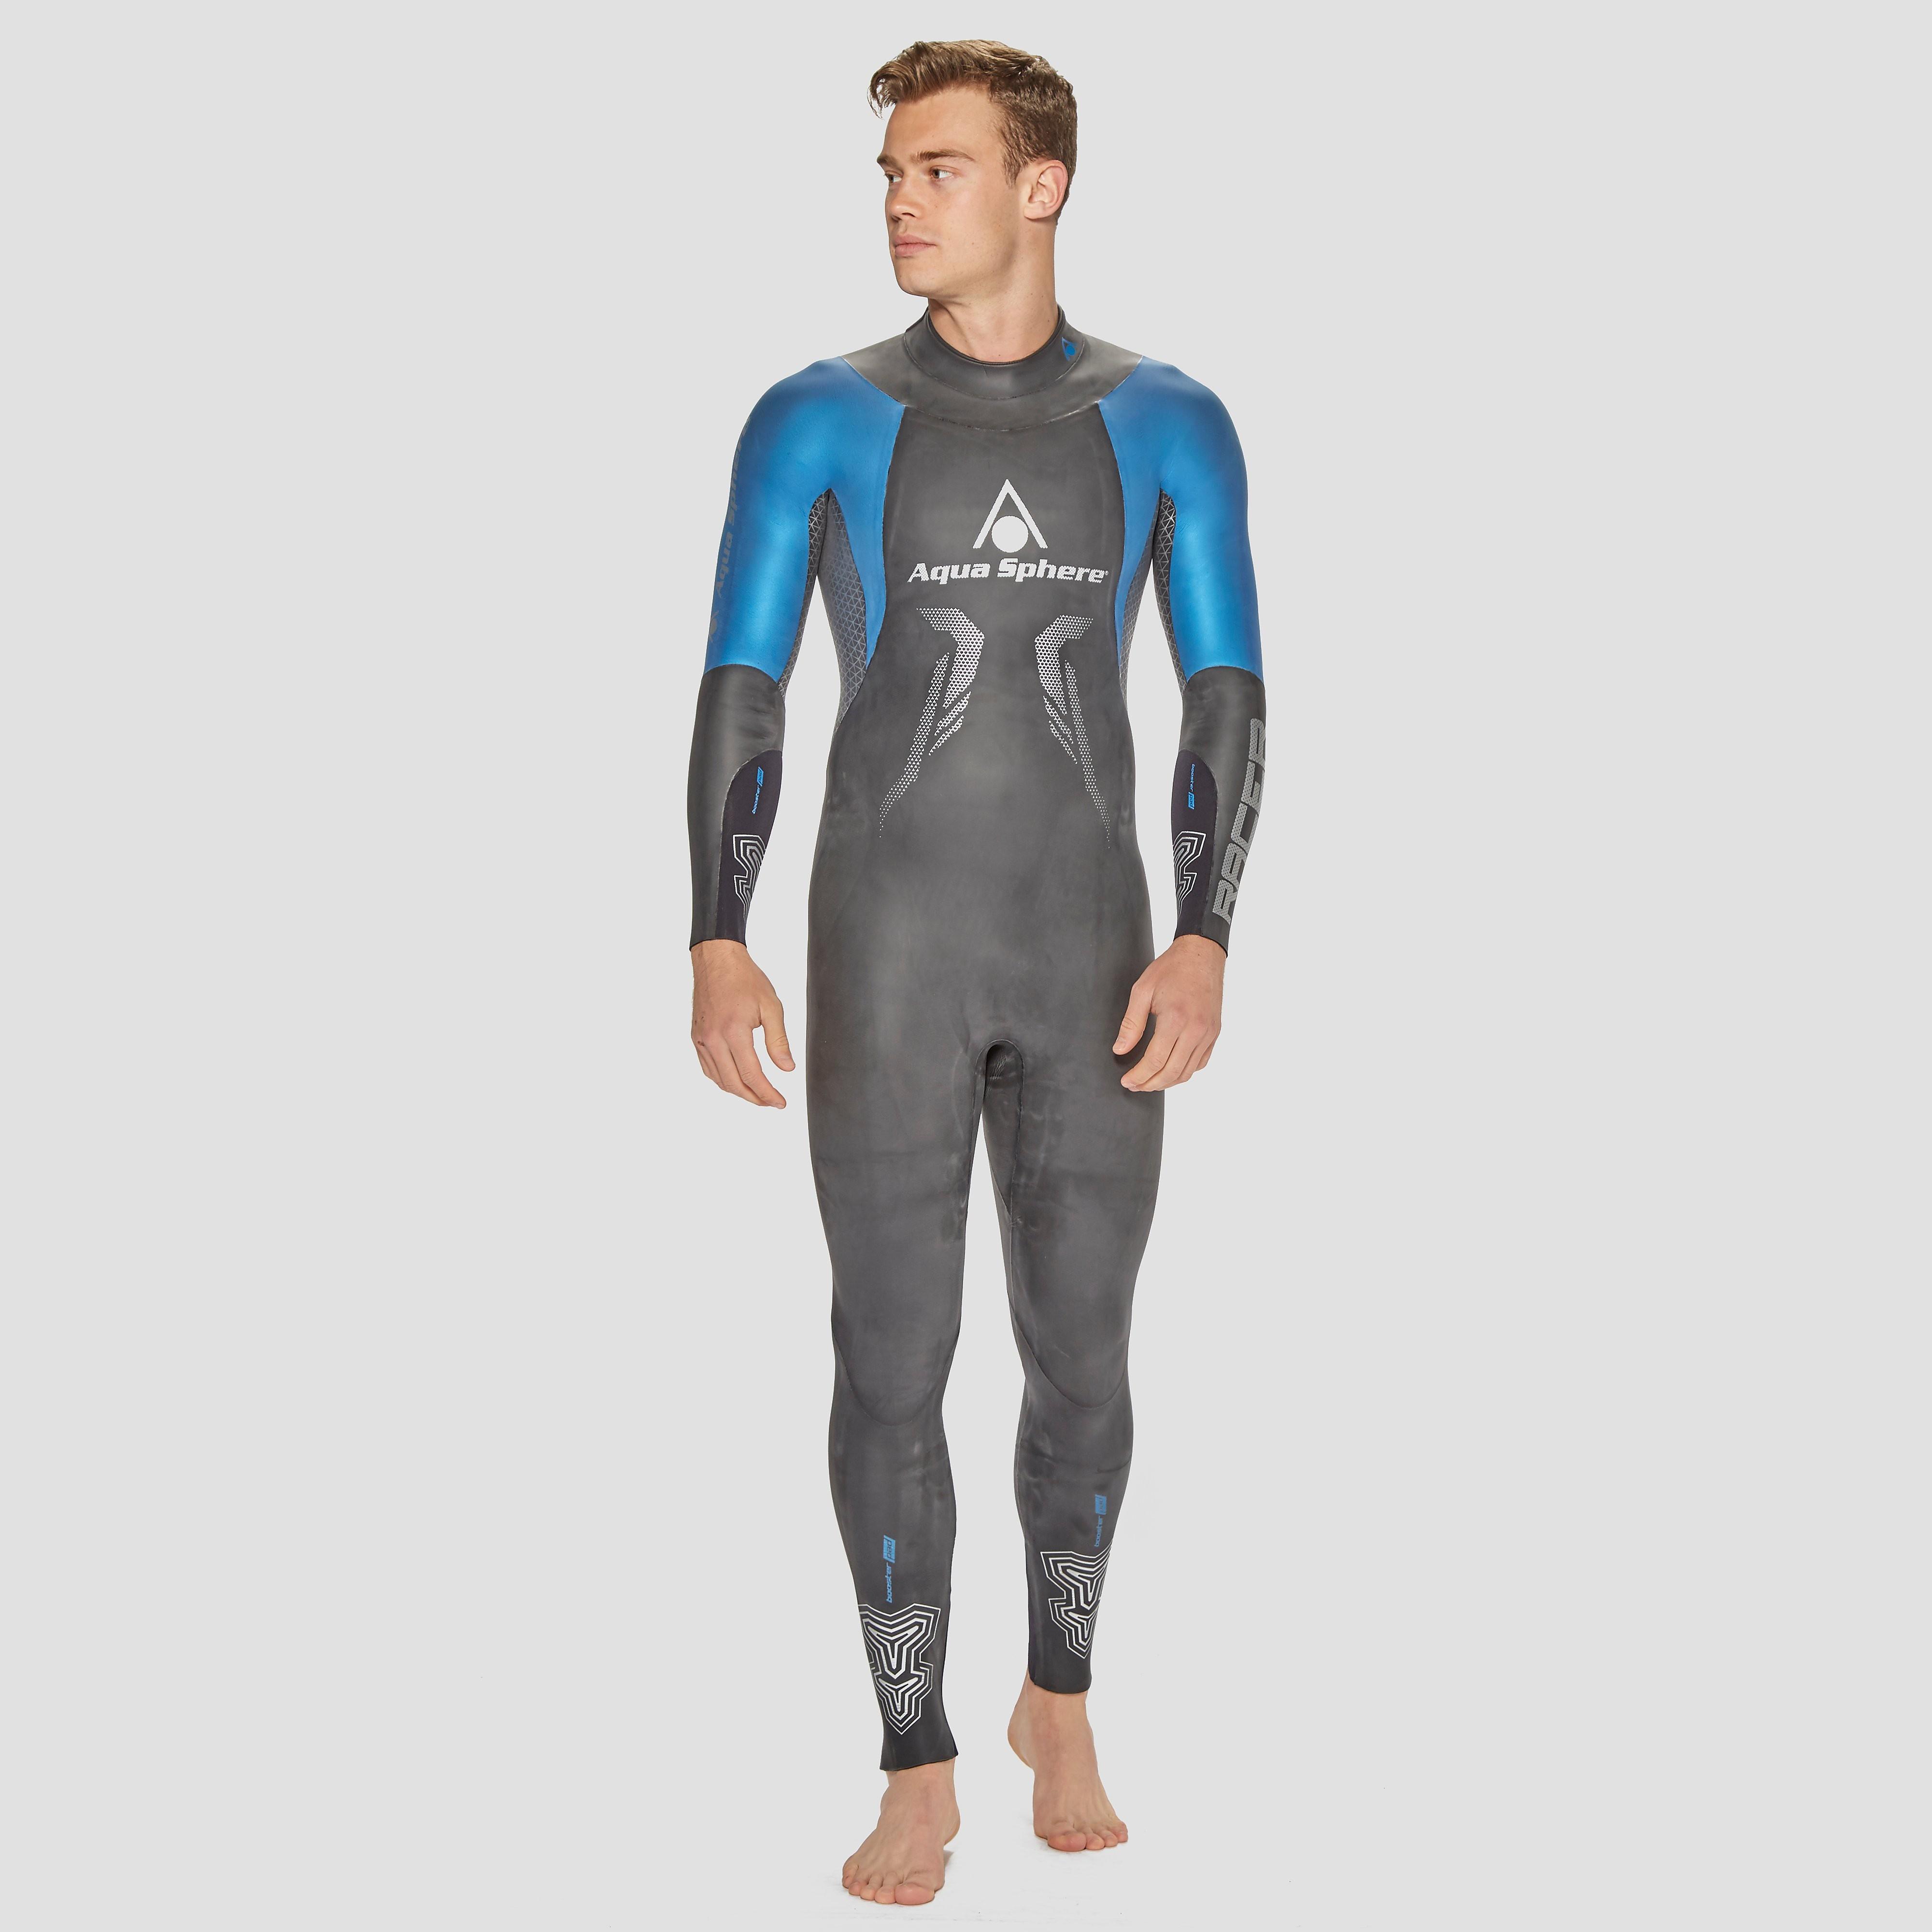 Aqua Sphere Racer Men's Wetsuit